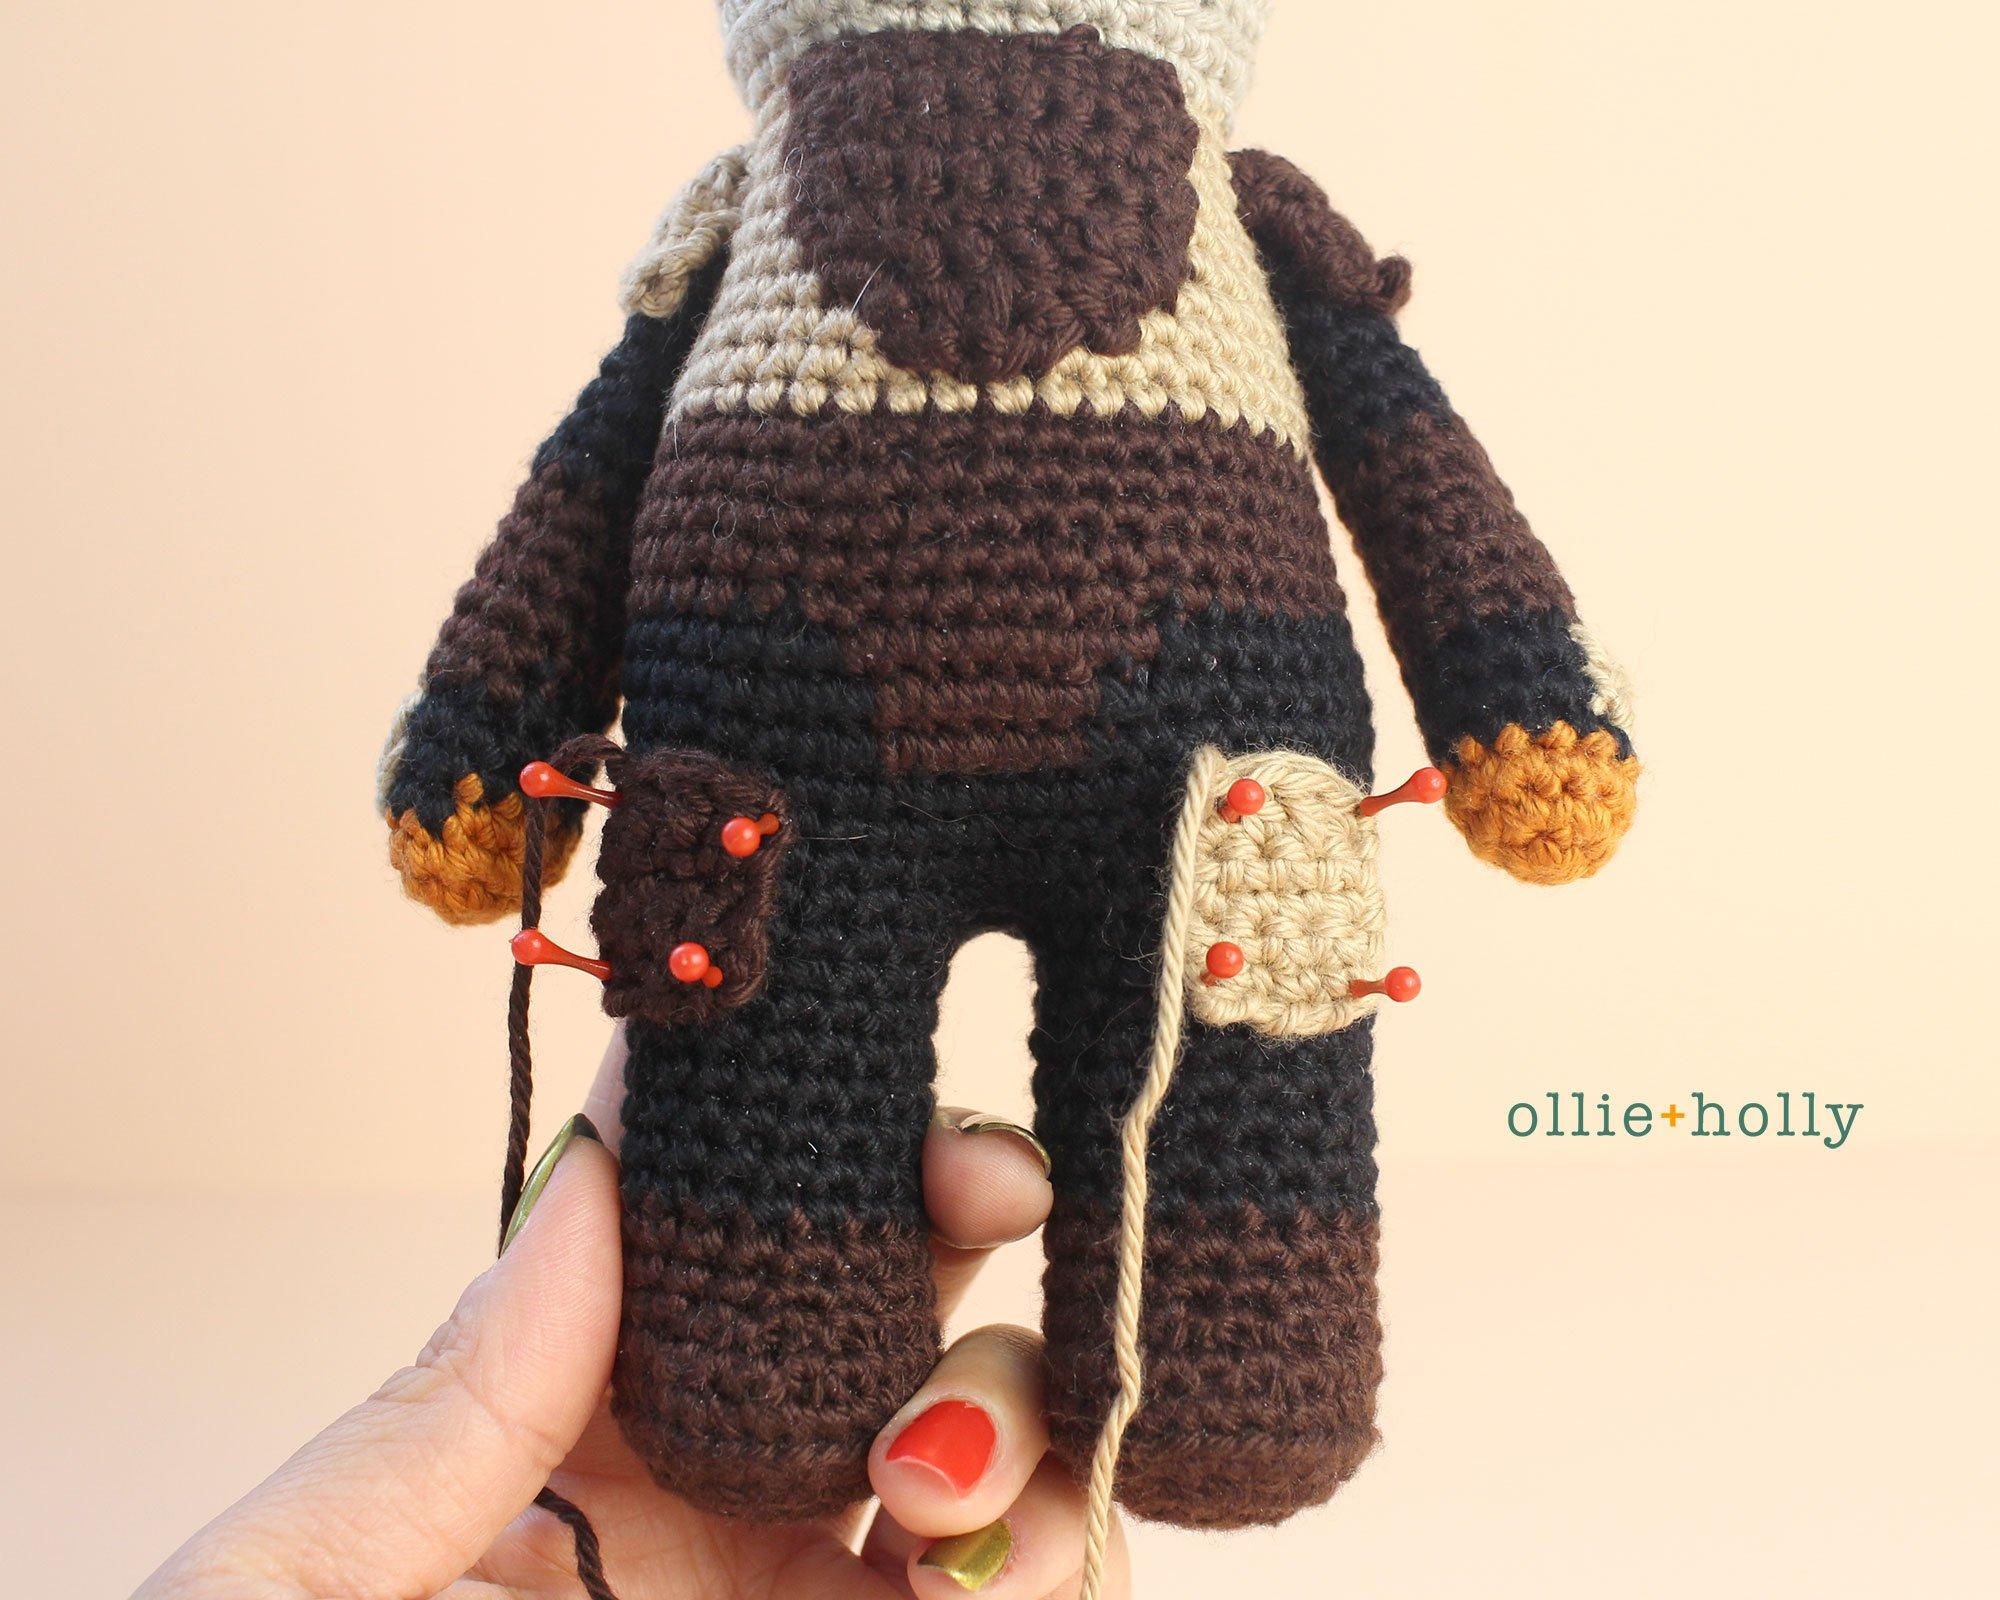 Free Mandalorian Din Djarin Amigurumi Crochet Pattern Assembly Step 6